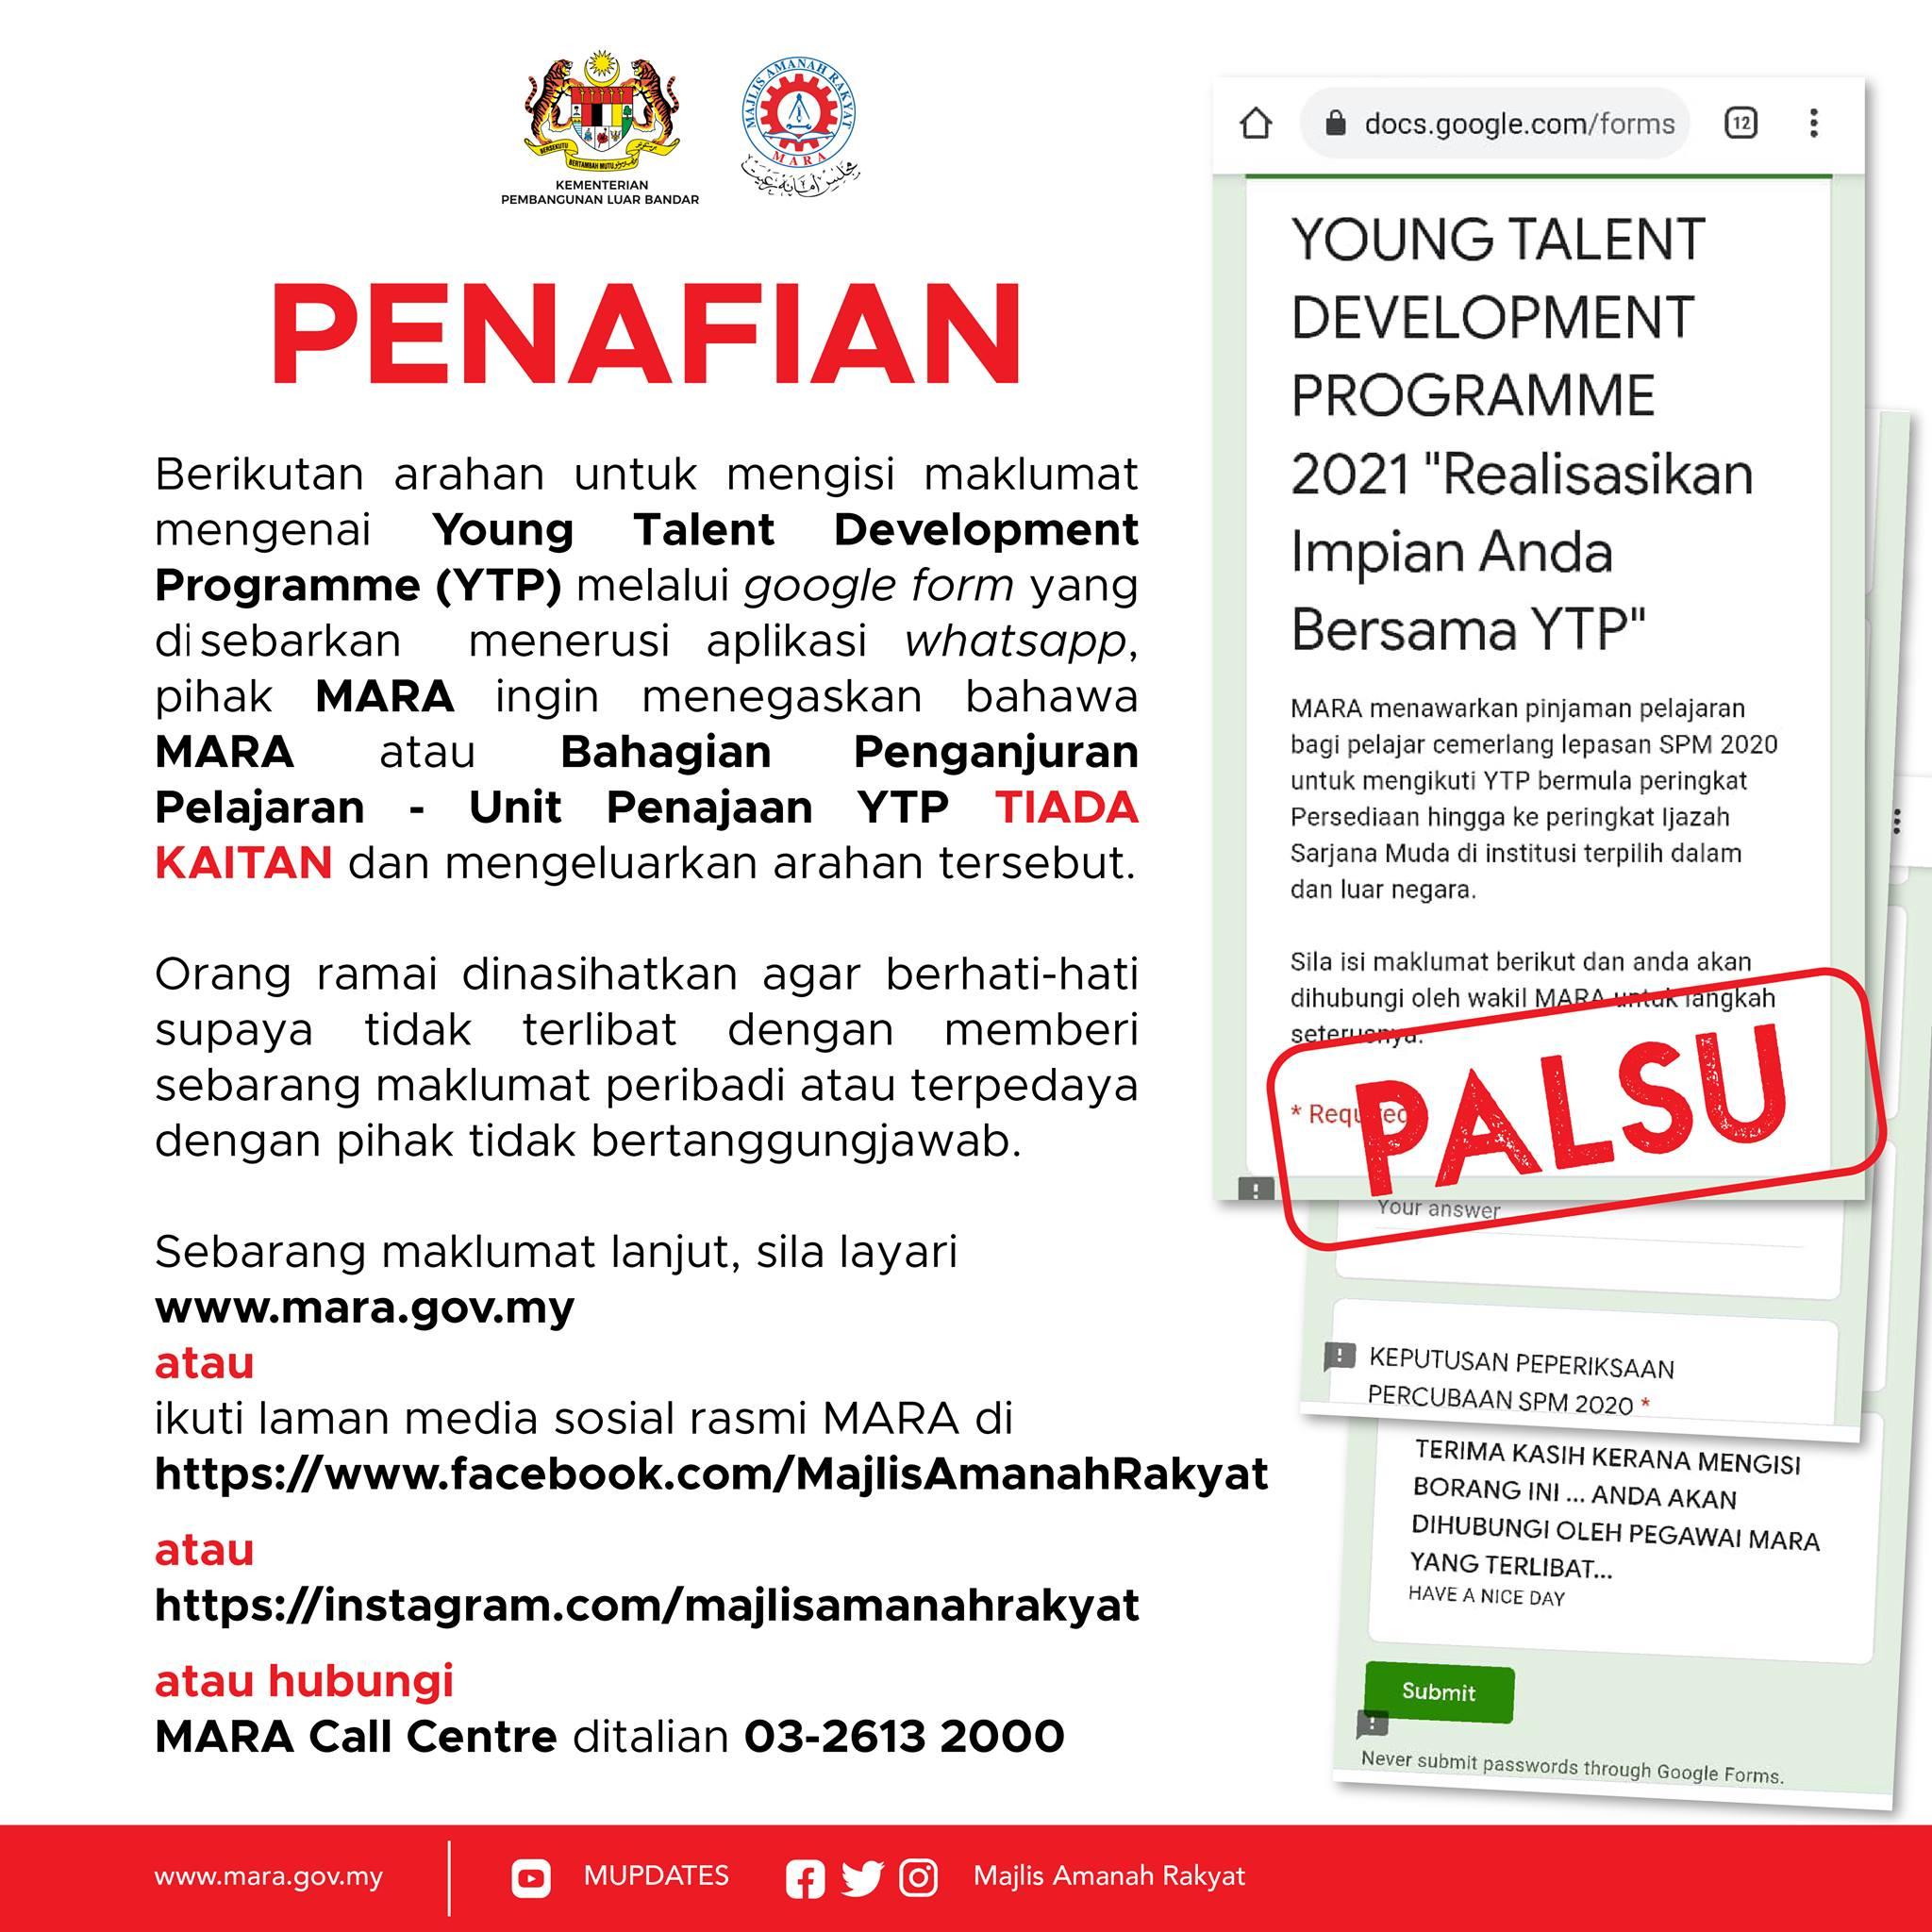 Arahan untuk mengisi maklumat mengenai Young Talent Development Programme (YTP) melalui google form